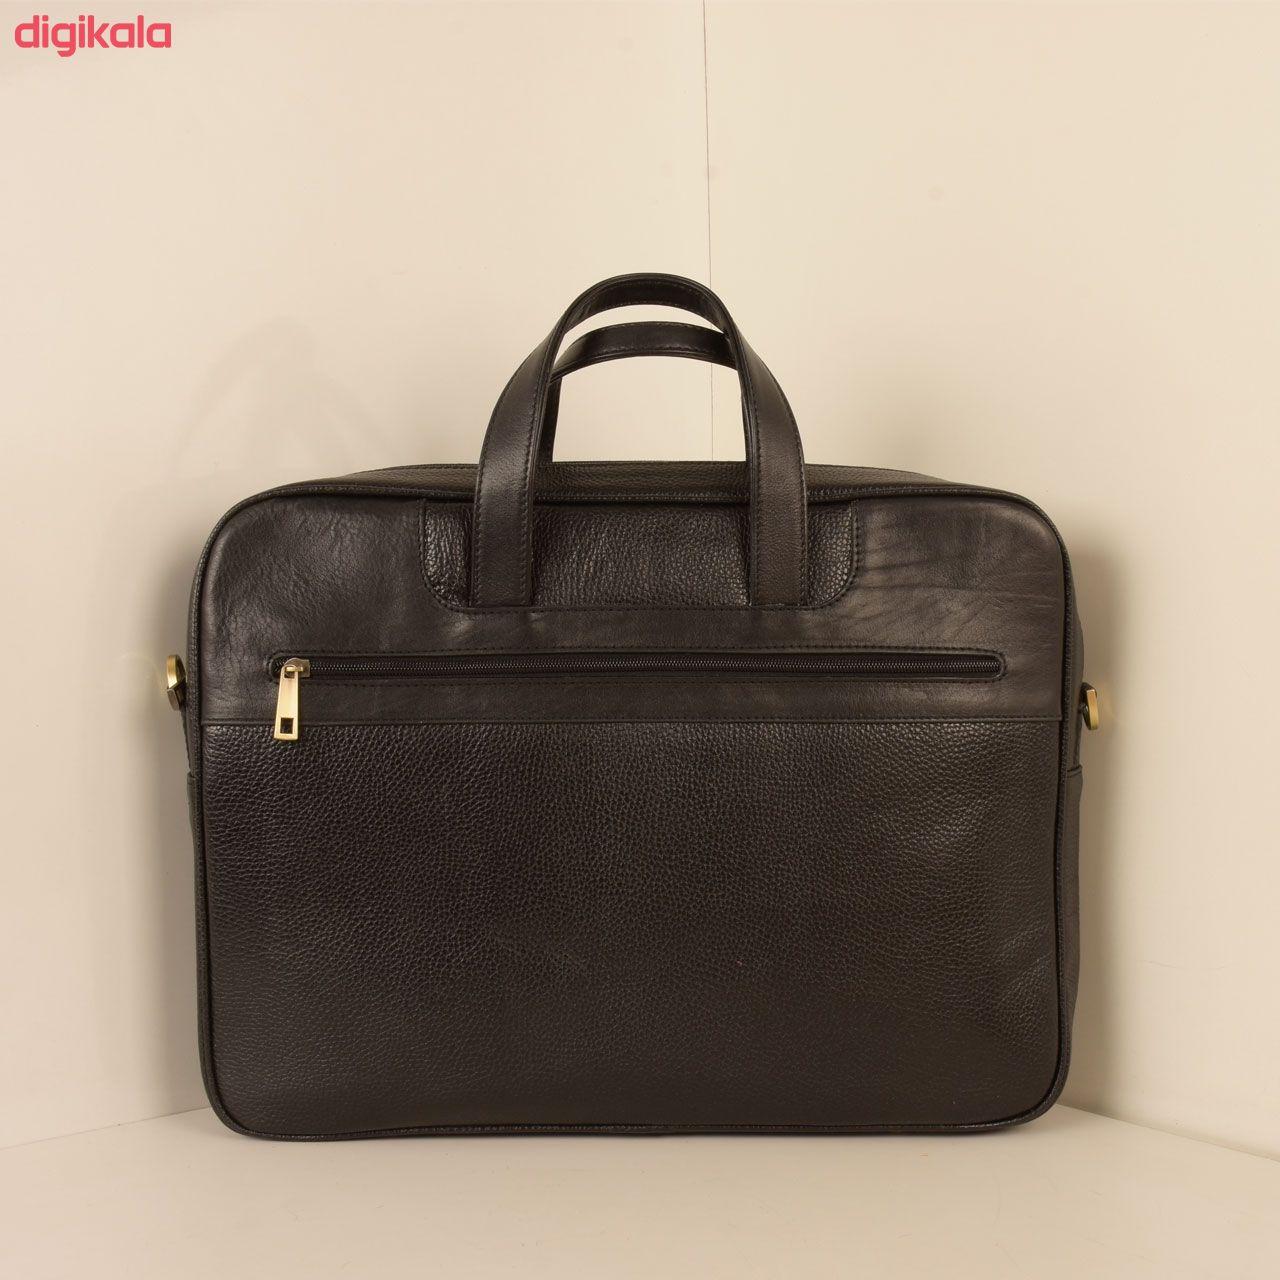 کیف اداری مردانه پارینه چرم مدل L159 main 1 5